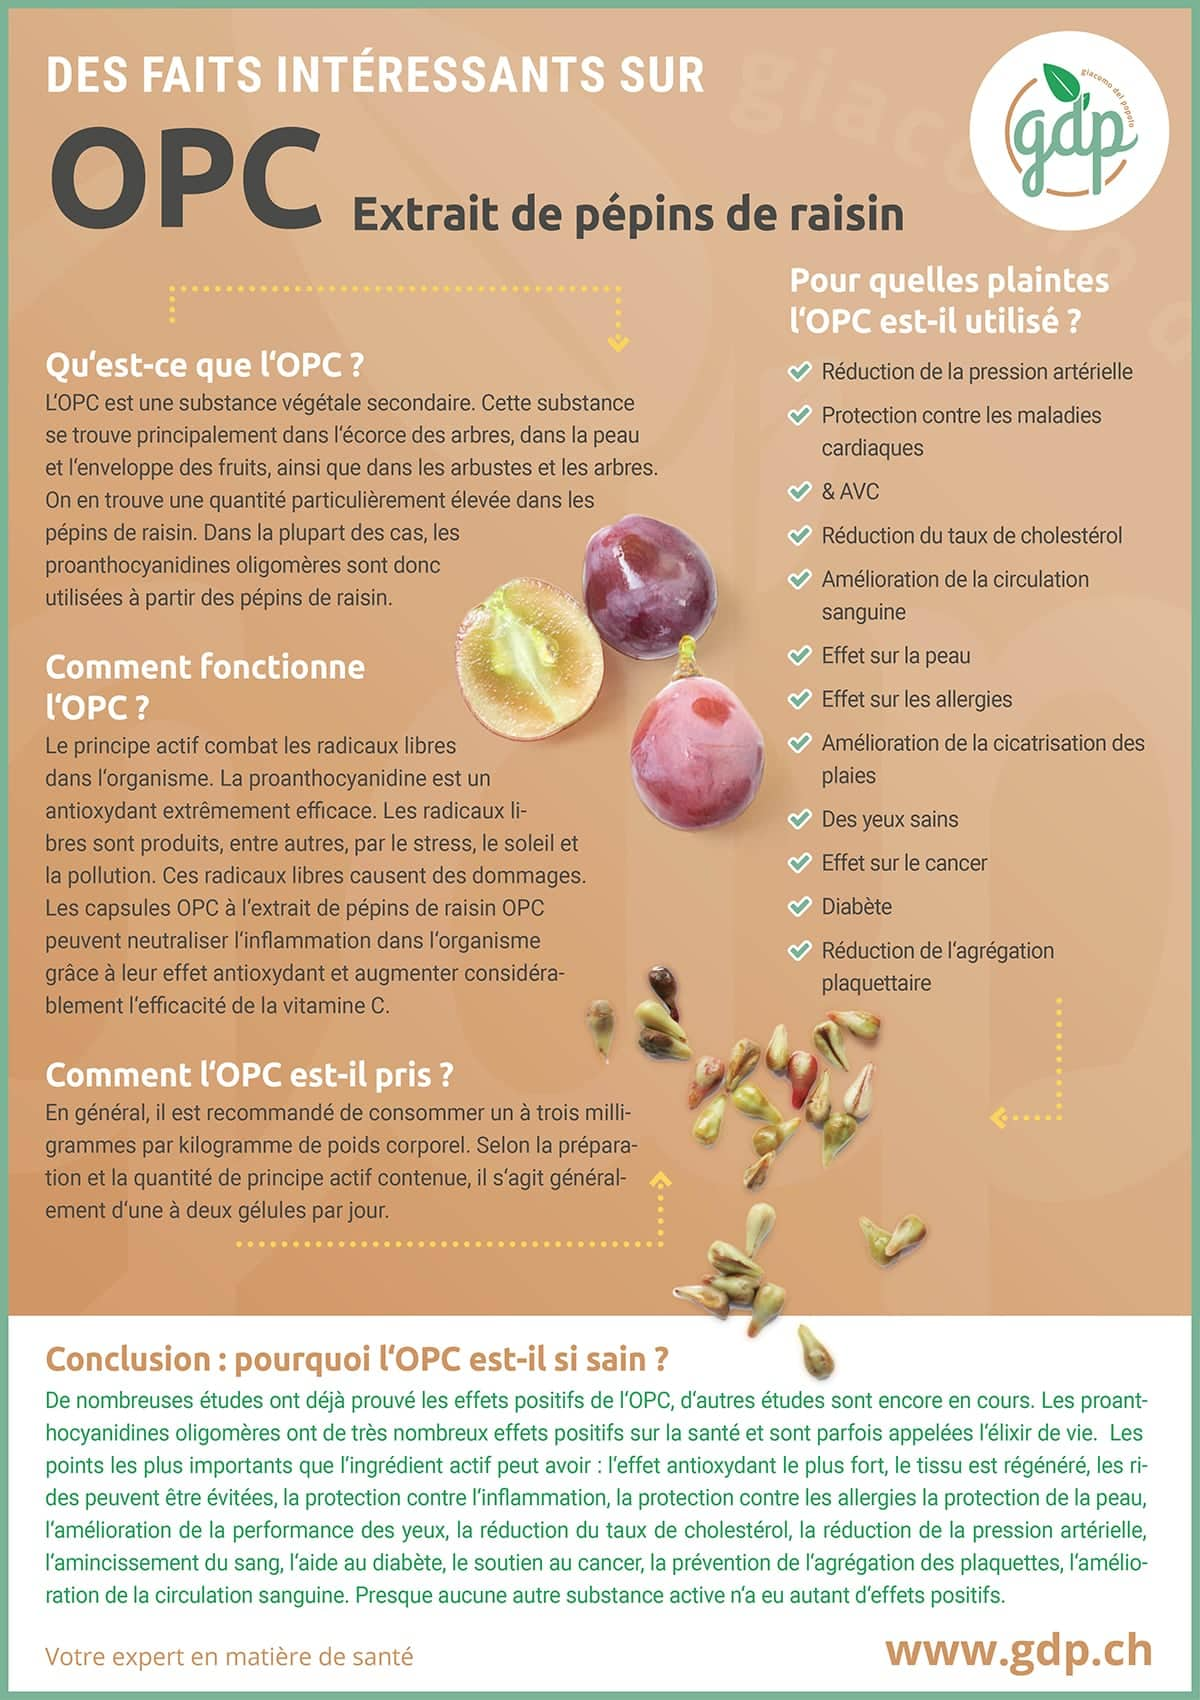 gdp Graphique d'information OPC